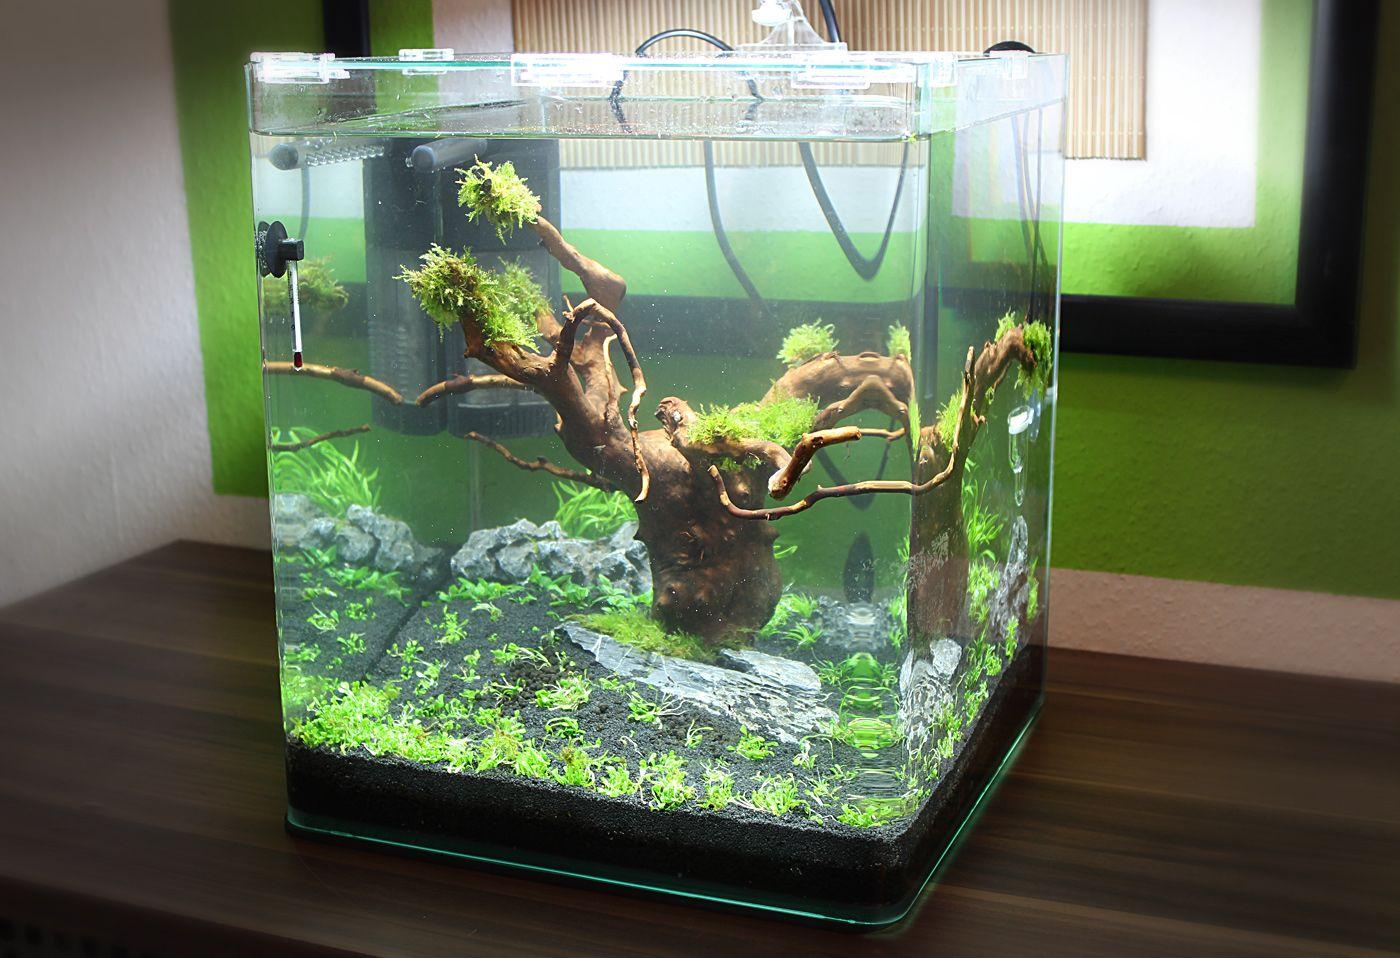 Hervorragend Nano Cube Tag 2, http://www.aquascaping-forum.de | fish tanks  QS51